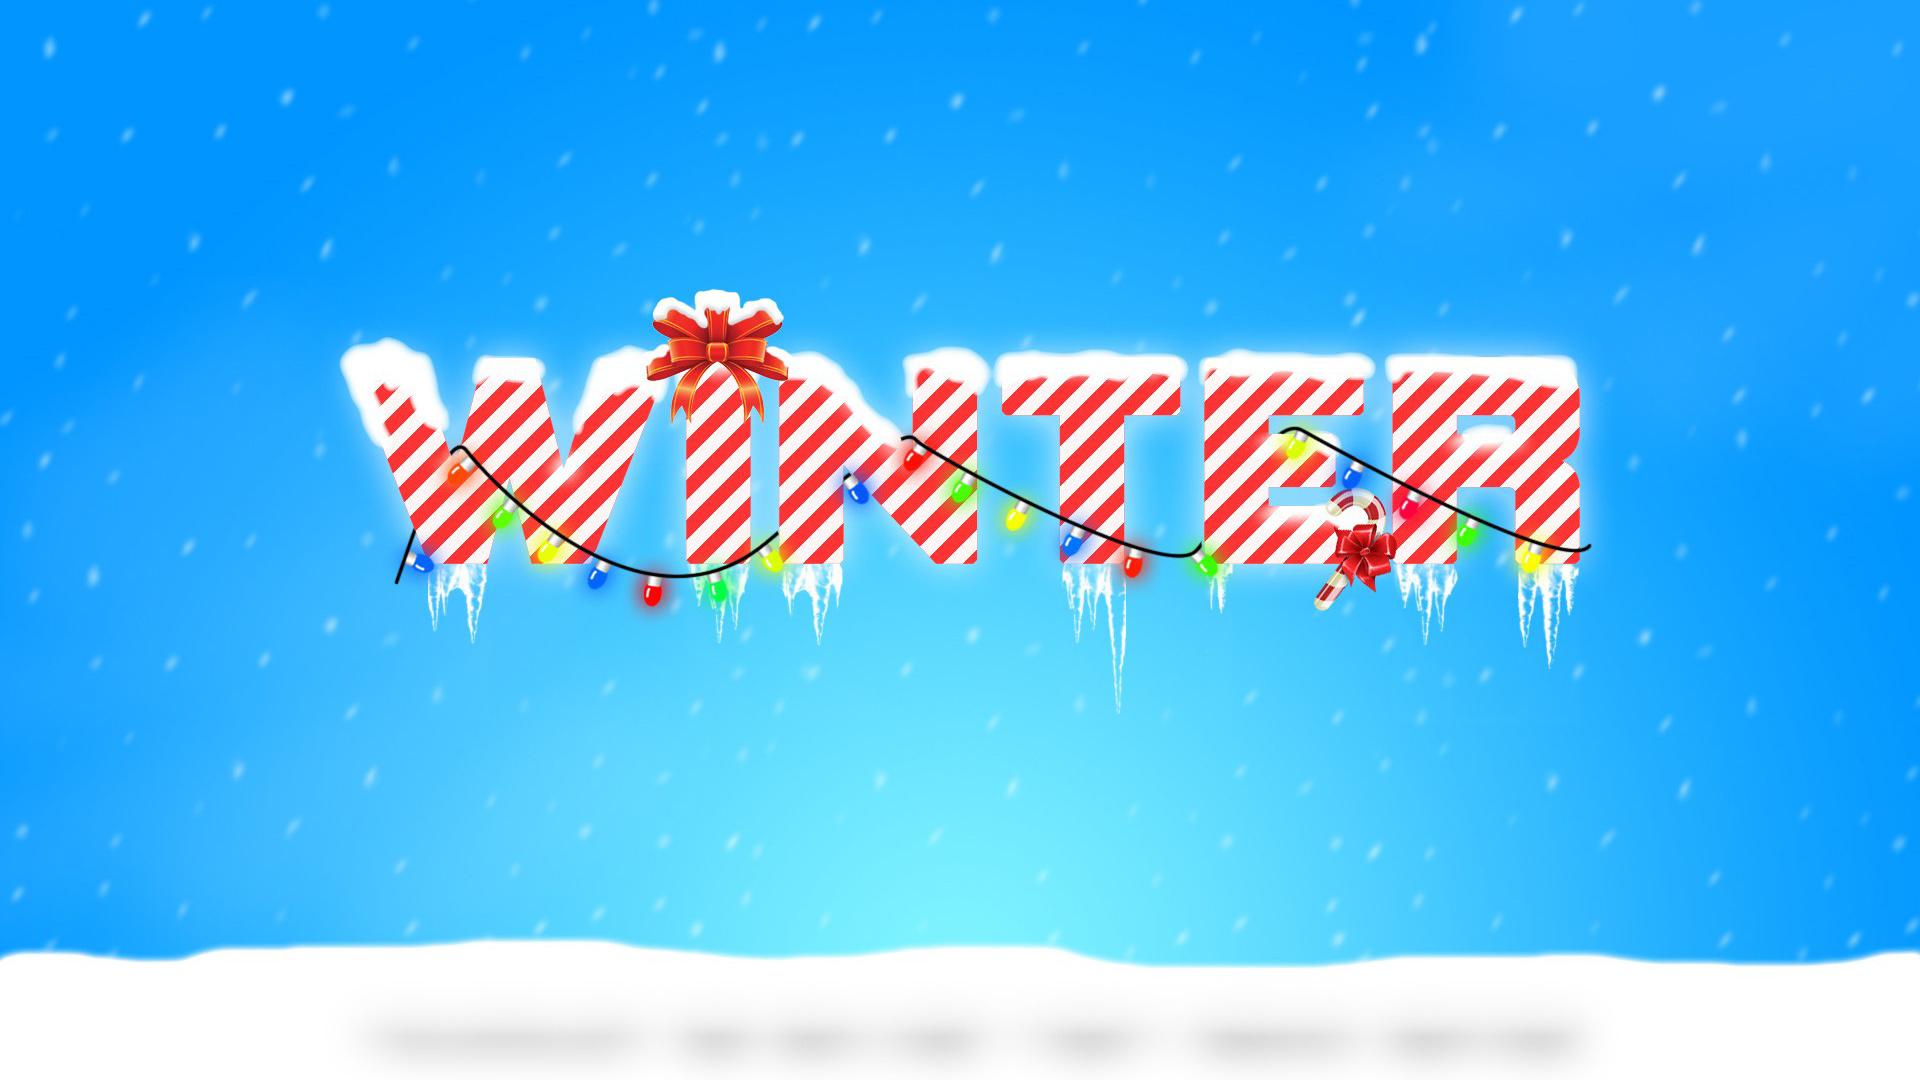 Февраля, картинка зима с надписями